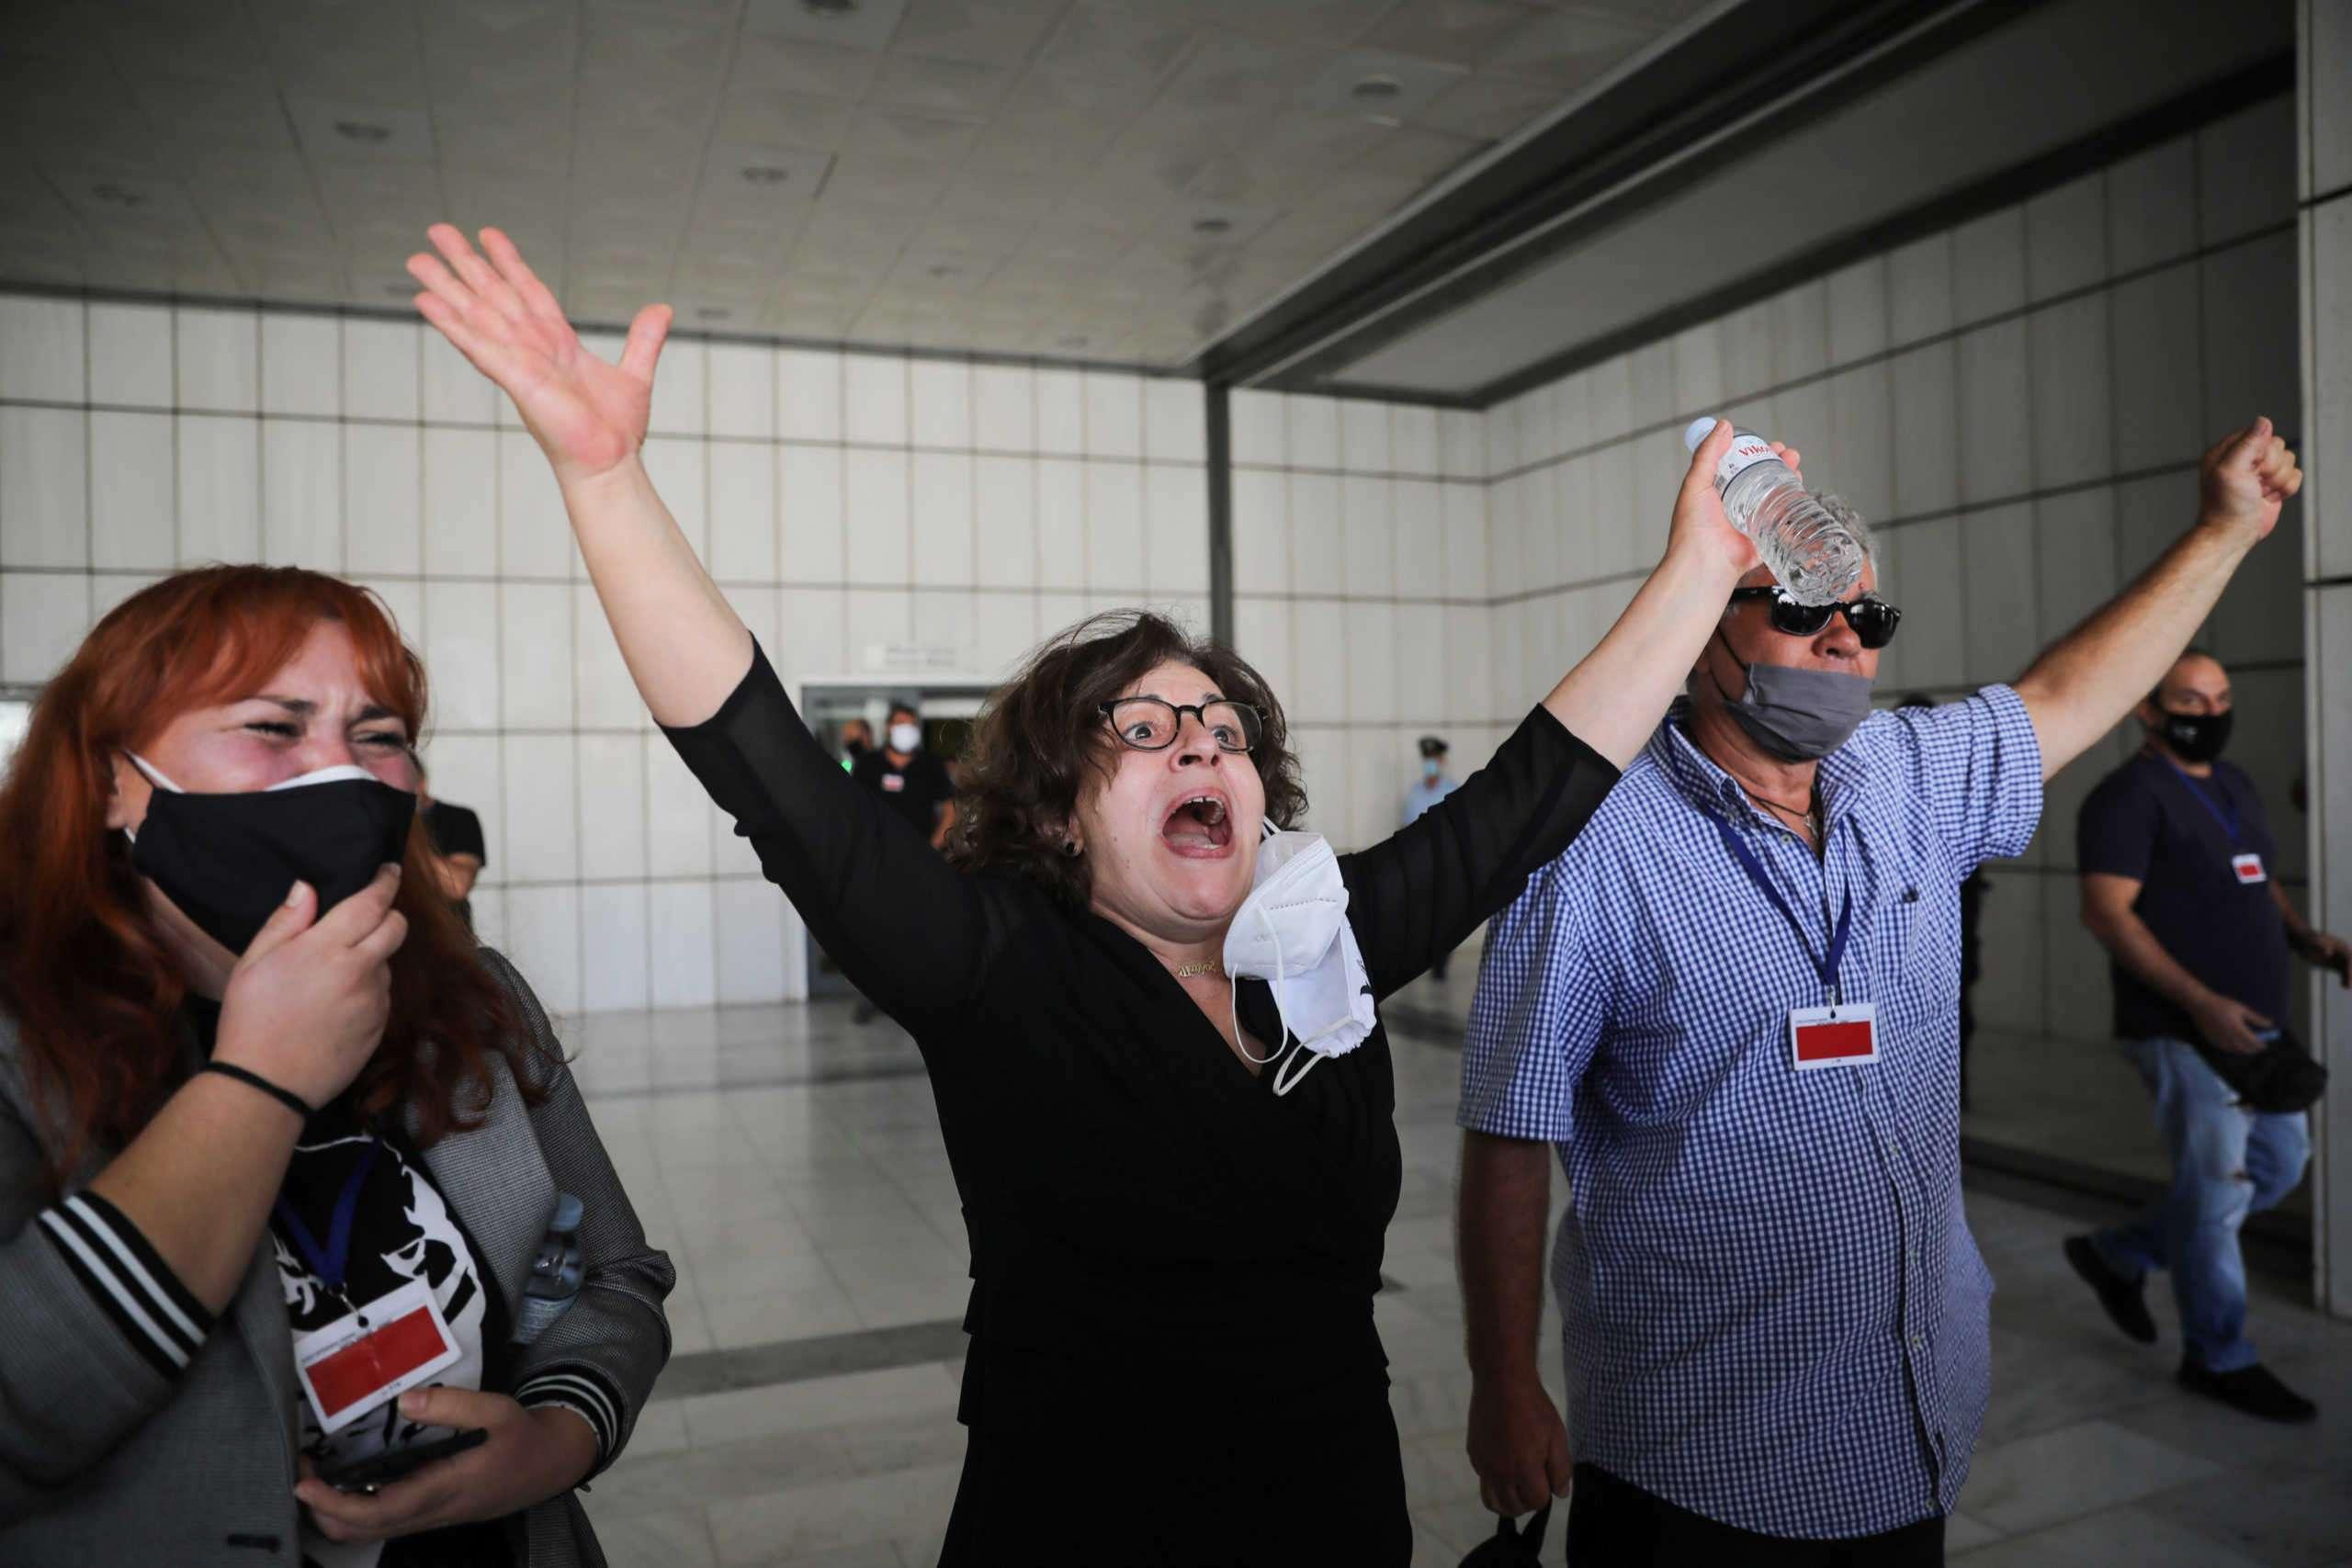 Δίκη Χρυσής Αυγής: Ιστορική απόφαση! Ένοχοι για διεύθυνση εγκληματικής οργάνωσης Μιχαλολιάκος, Κασιδιάρης και άλλοι πέντε- Ένοχος ο Ρουπακιάς για τη δολοφονία του Παύλου Φύσσα- Συγκλόνισε η Μάγδα Φύσσα- Δηλώσεις- ανακοινώσεις - Διαρκής ενημέρωση (BINTEO)